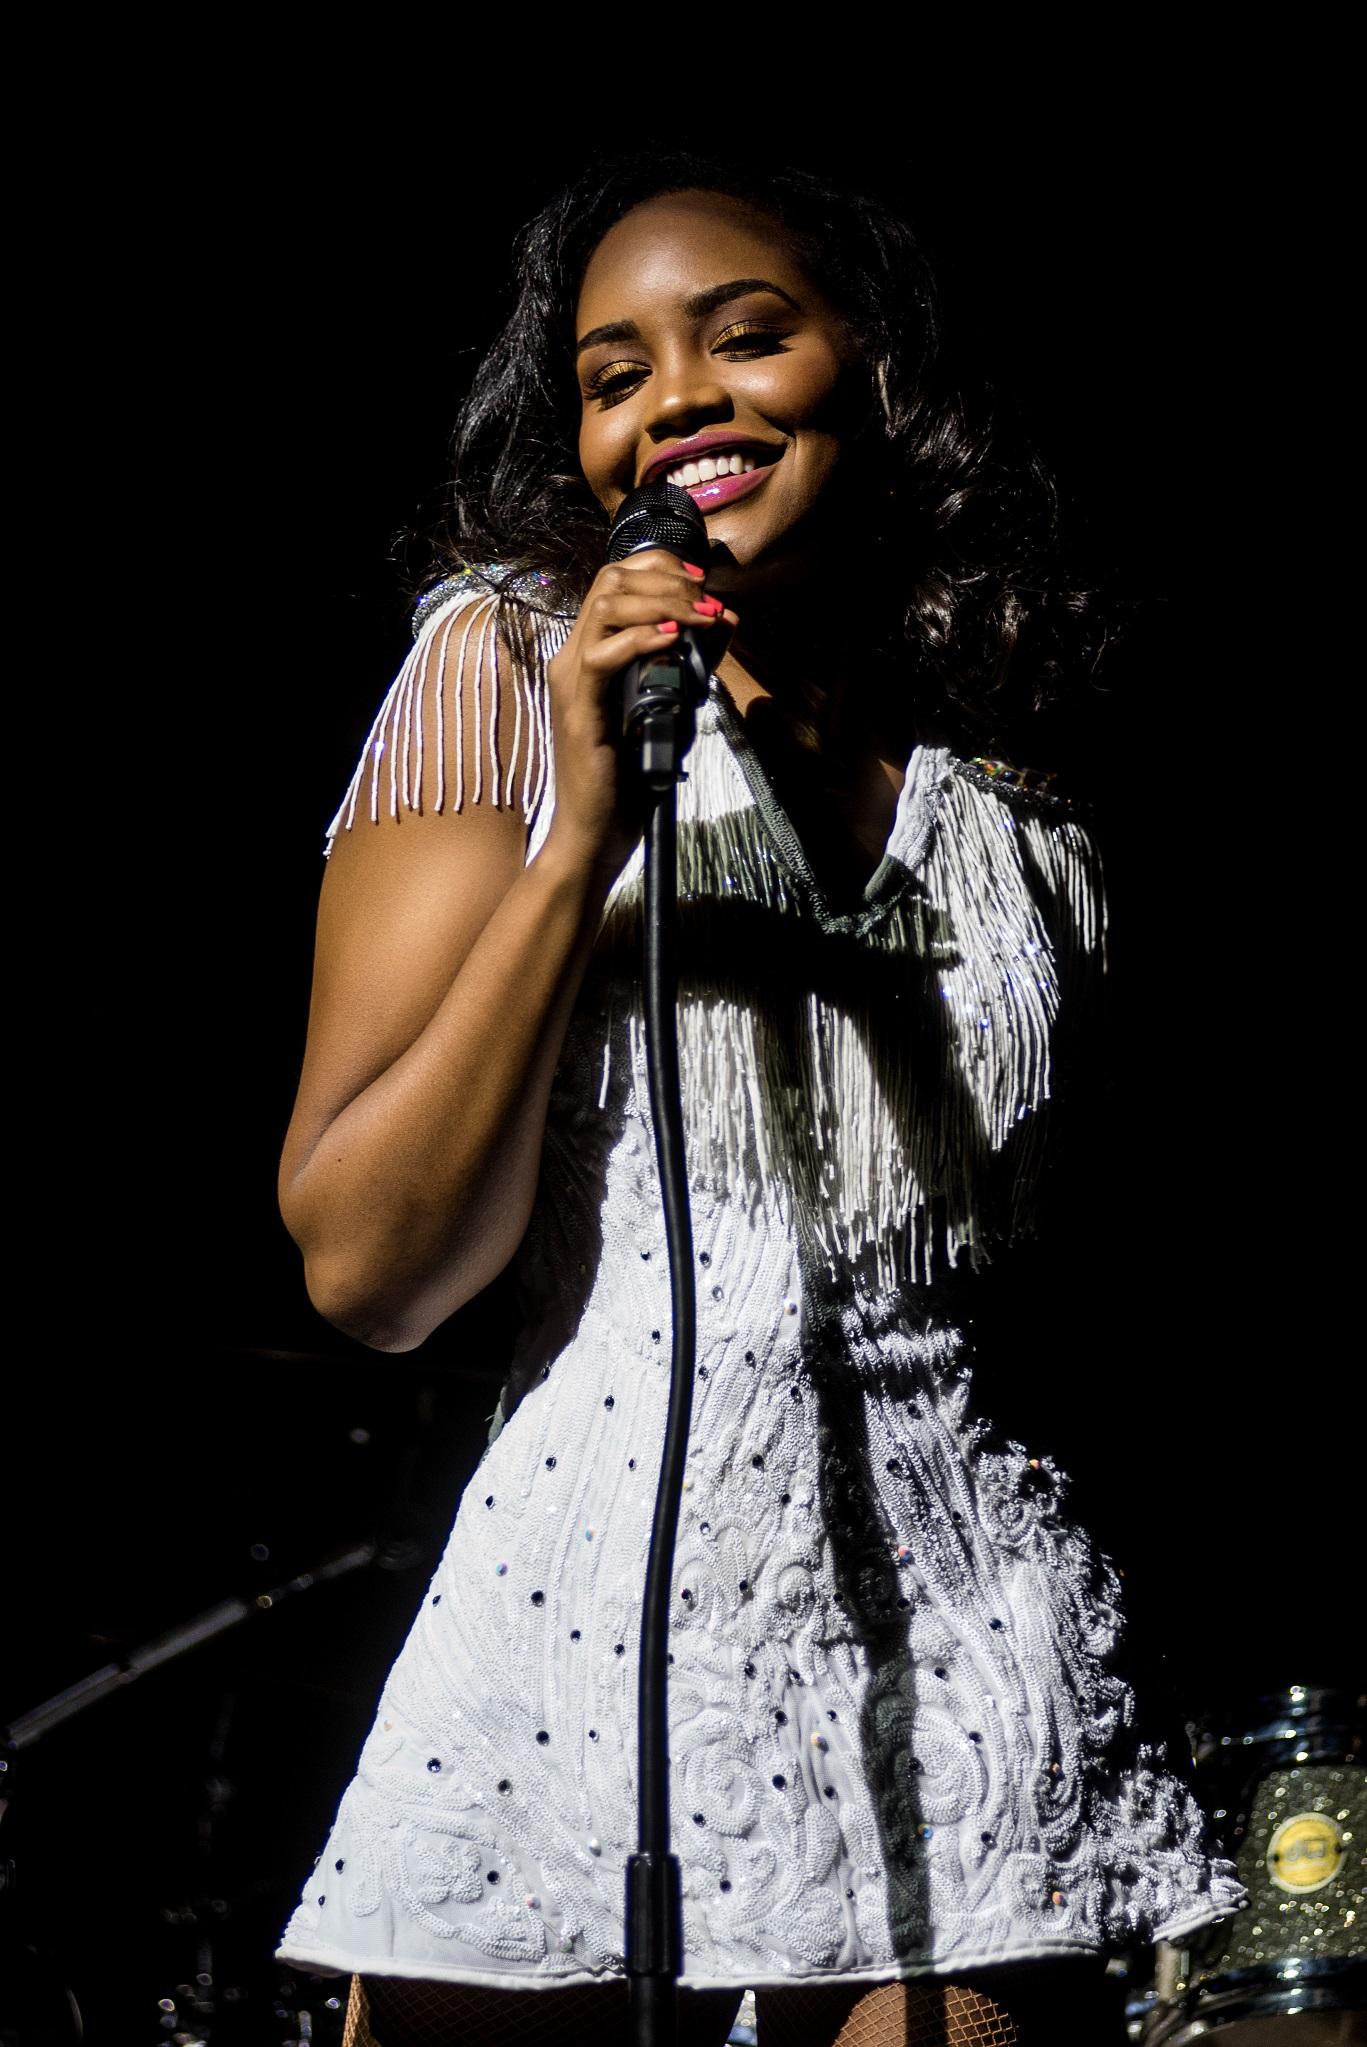 Glorious - Pop Singer, Livtronica Drummer, Producer, Songwriter, New York, NY - 1LR.jpg